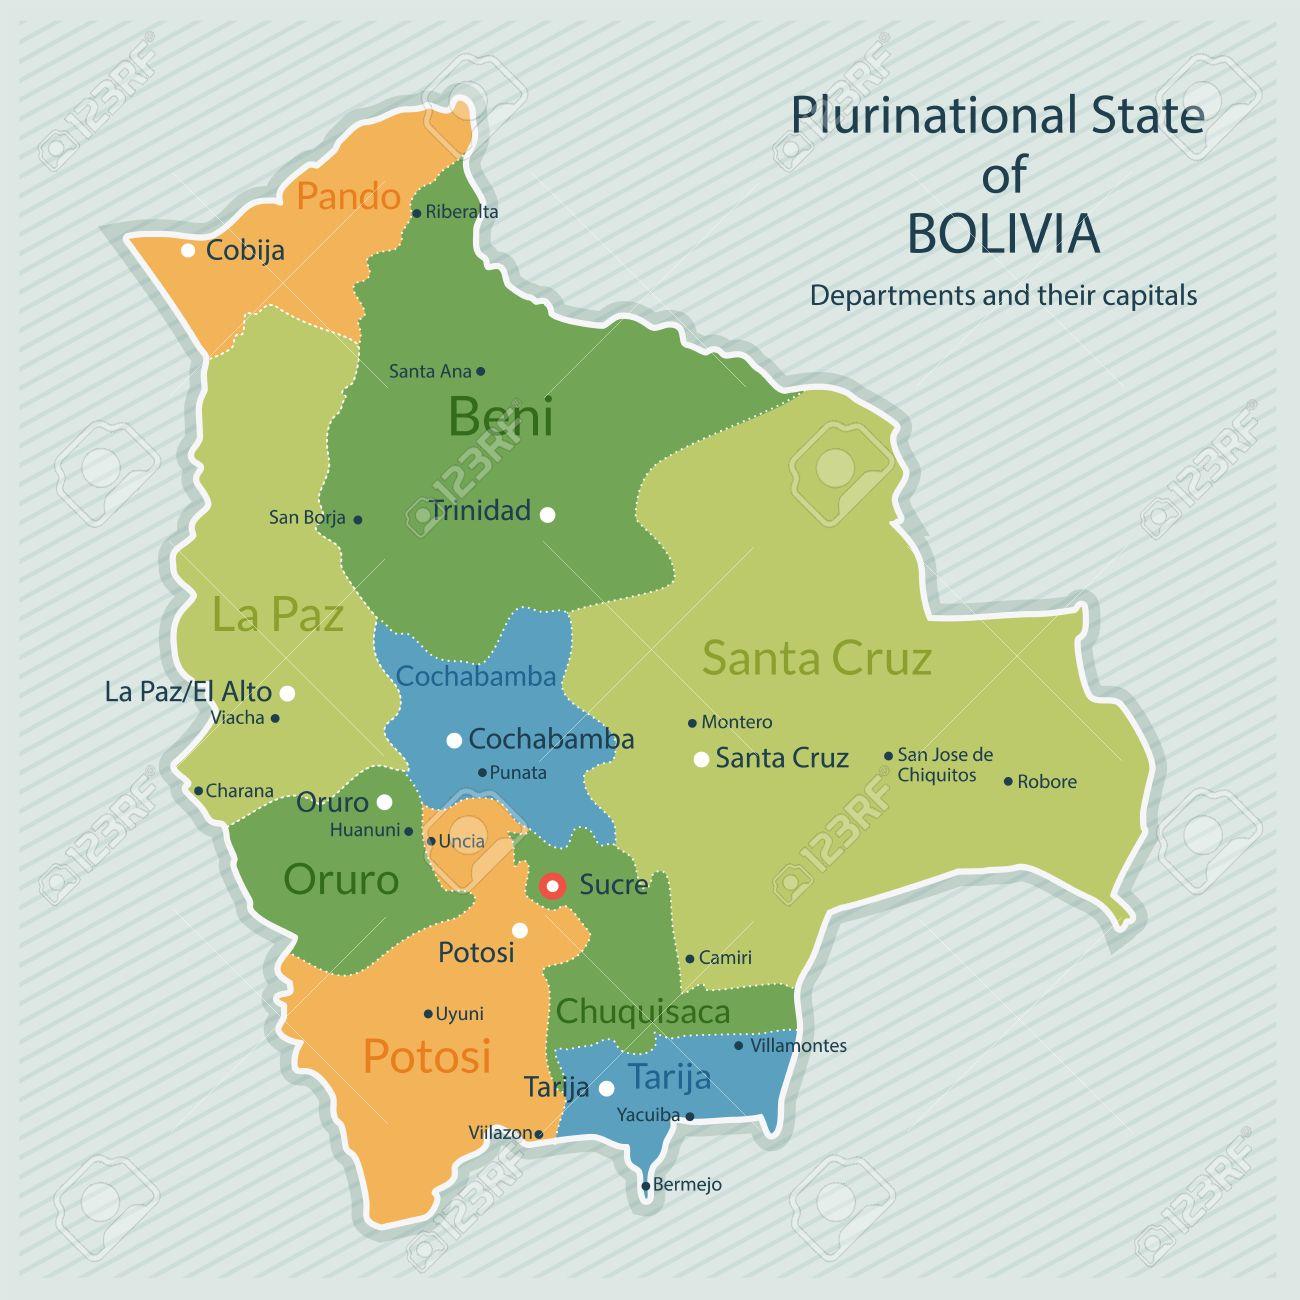 Illustration De La Carte Administrative De La Bolivie. Capitale Du Pays,  Départements Et Grandes Villes. Design Plat, Look Propre avec Carte Des Départements Et Villes